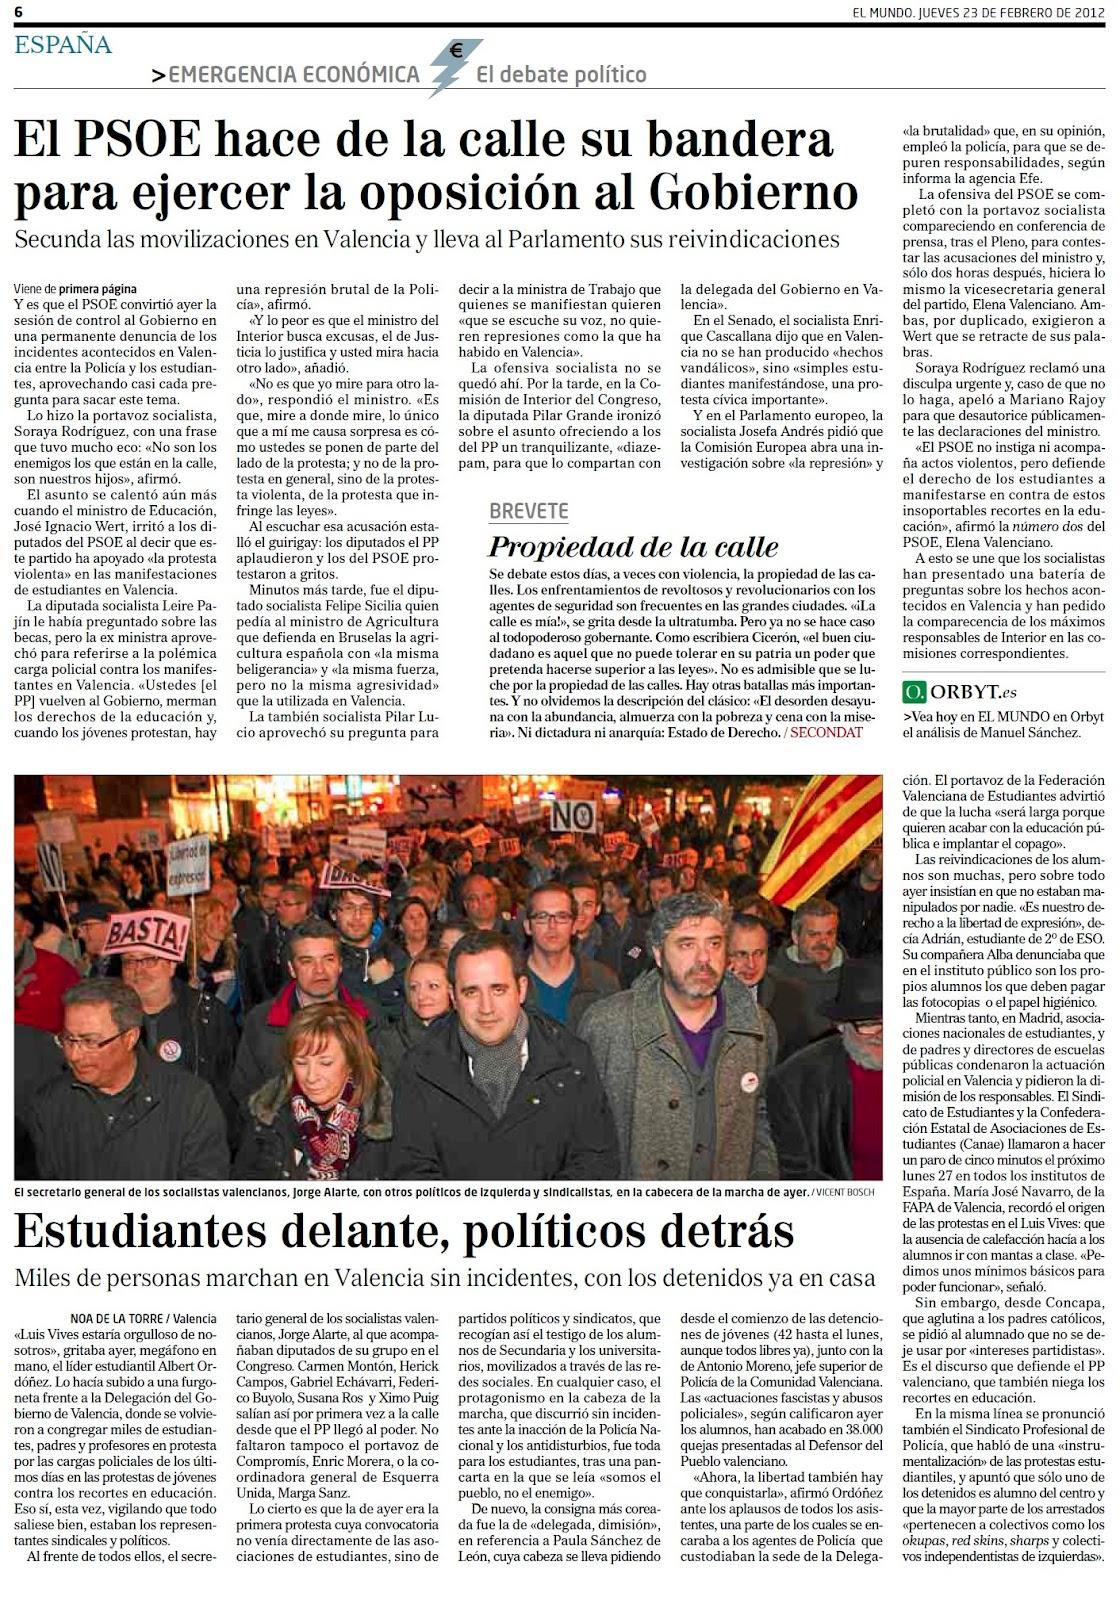 Si tiene rabo de cochino, manos de cochino y orejas de cochino... es que es el PSOE alentando algaradas en la calle